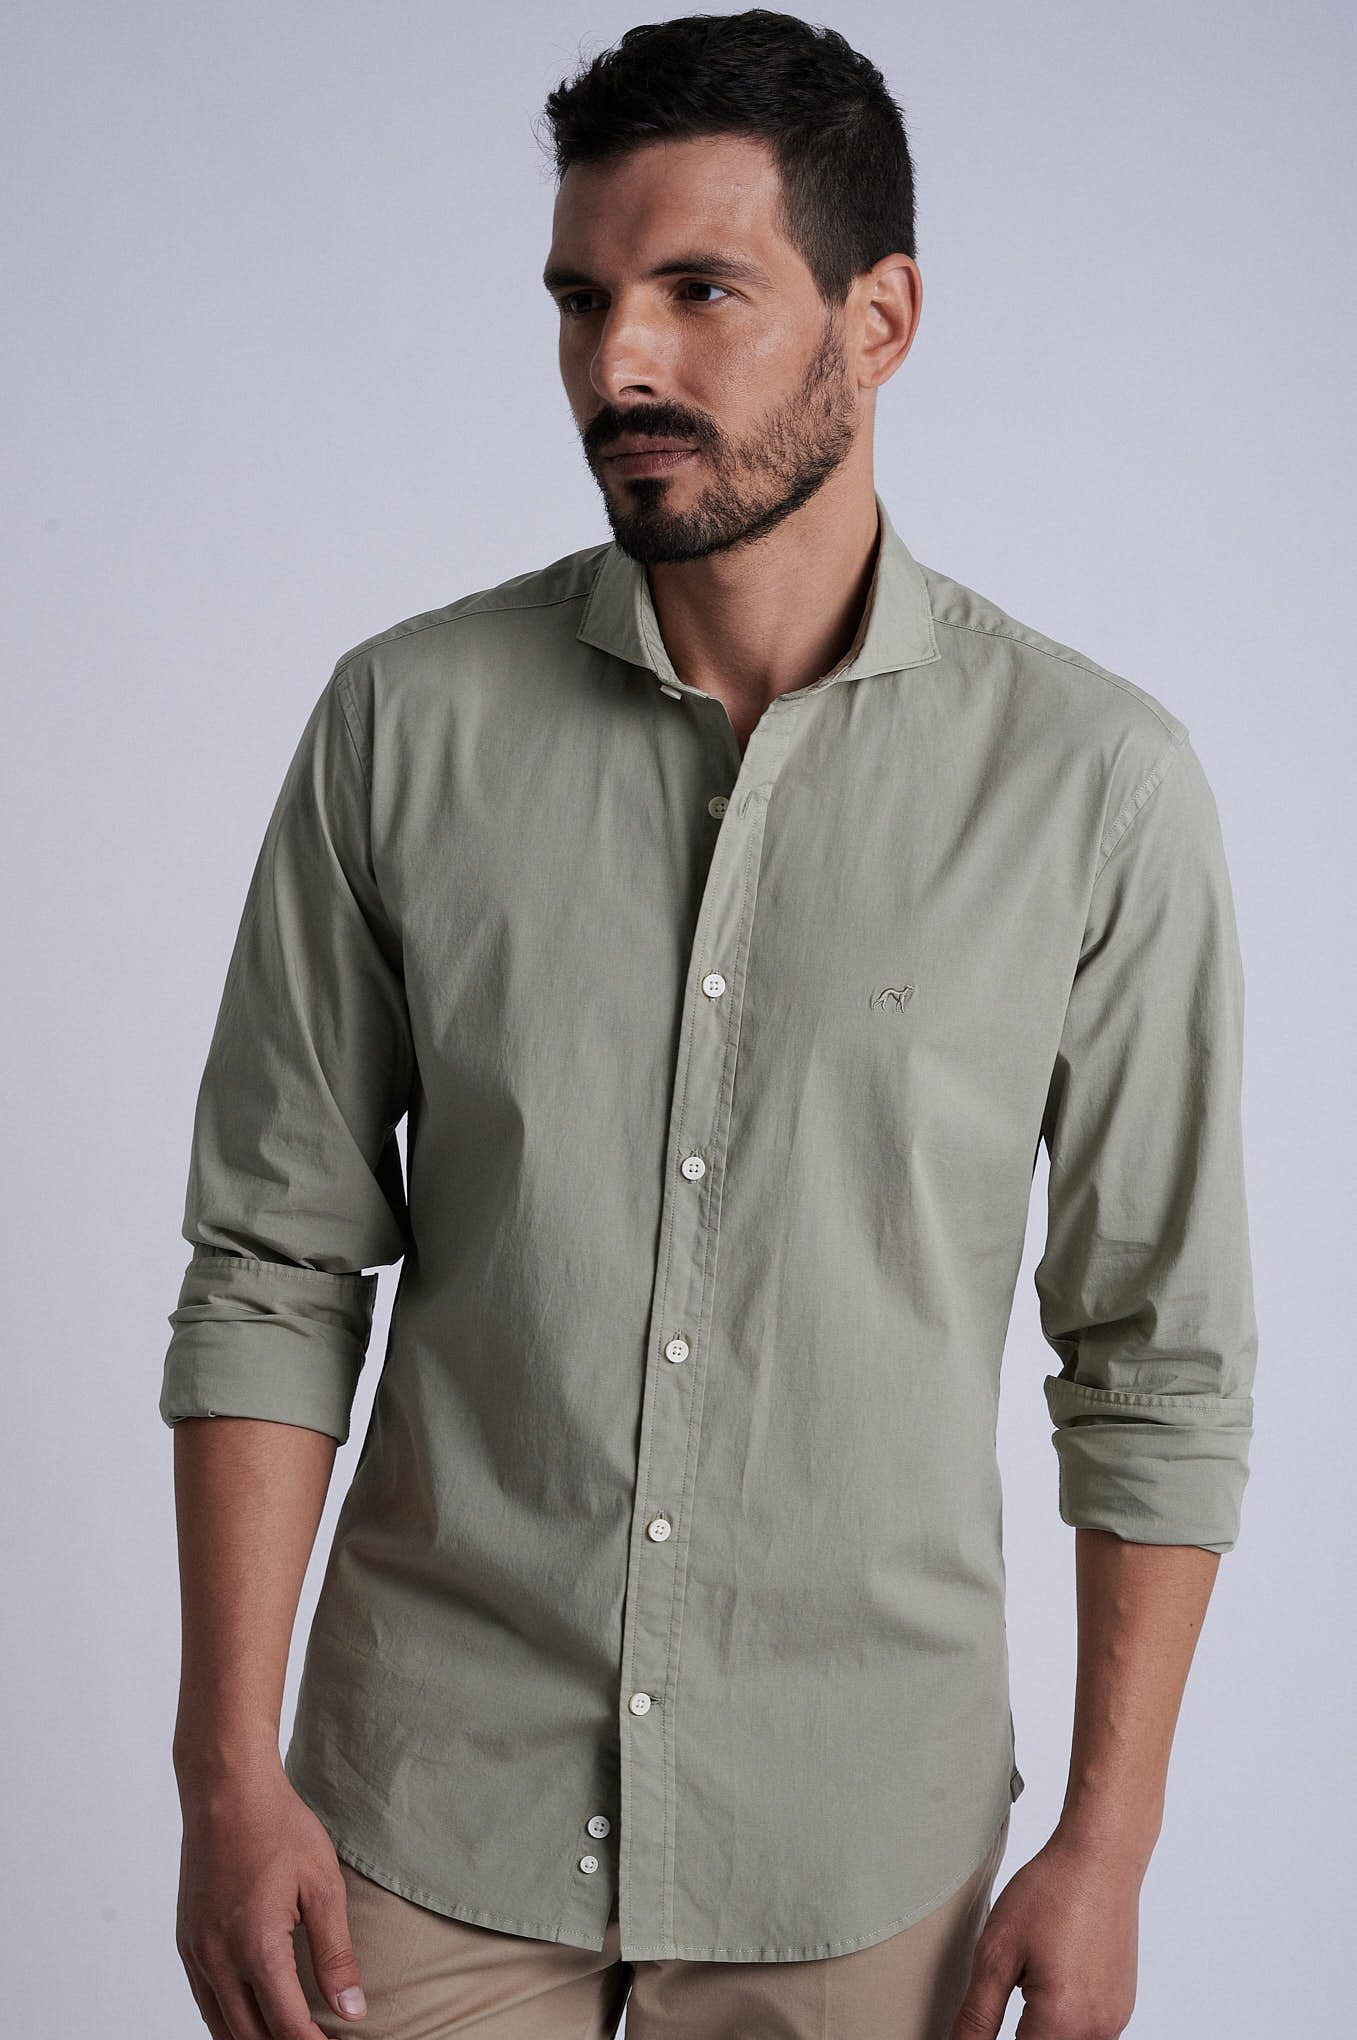 Shirt Khaki Sport Man